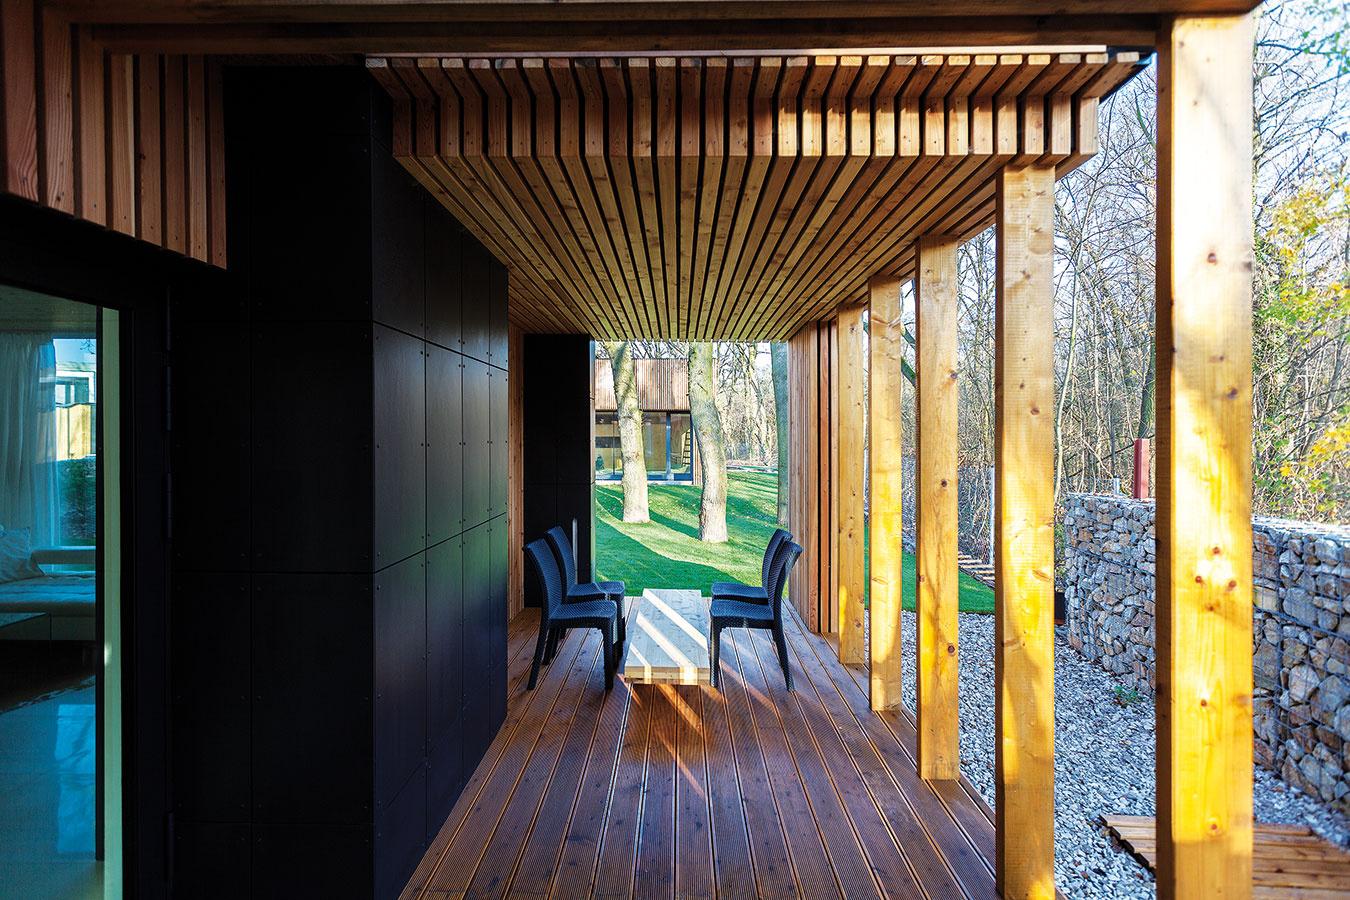 Terasa na prízemí je prístupná z obývacej izby spojenej s kuchyňou. Poveternostne je chránená z takmer troch strán, čo zvyšuje aj jej mieru súkromia.